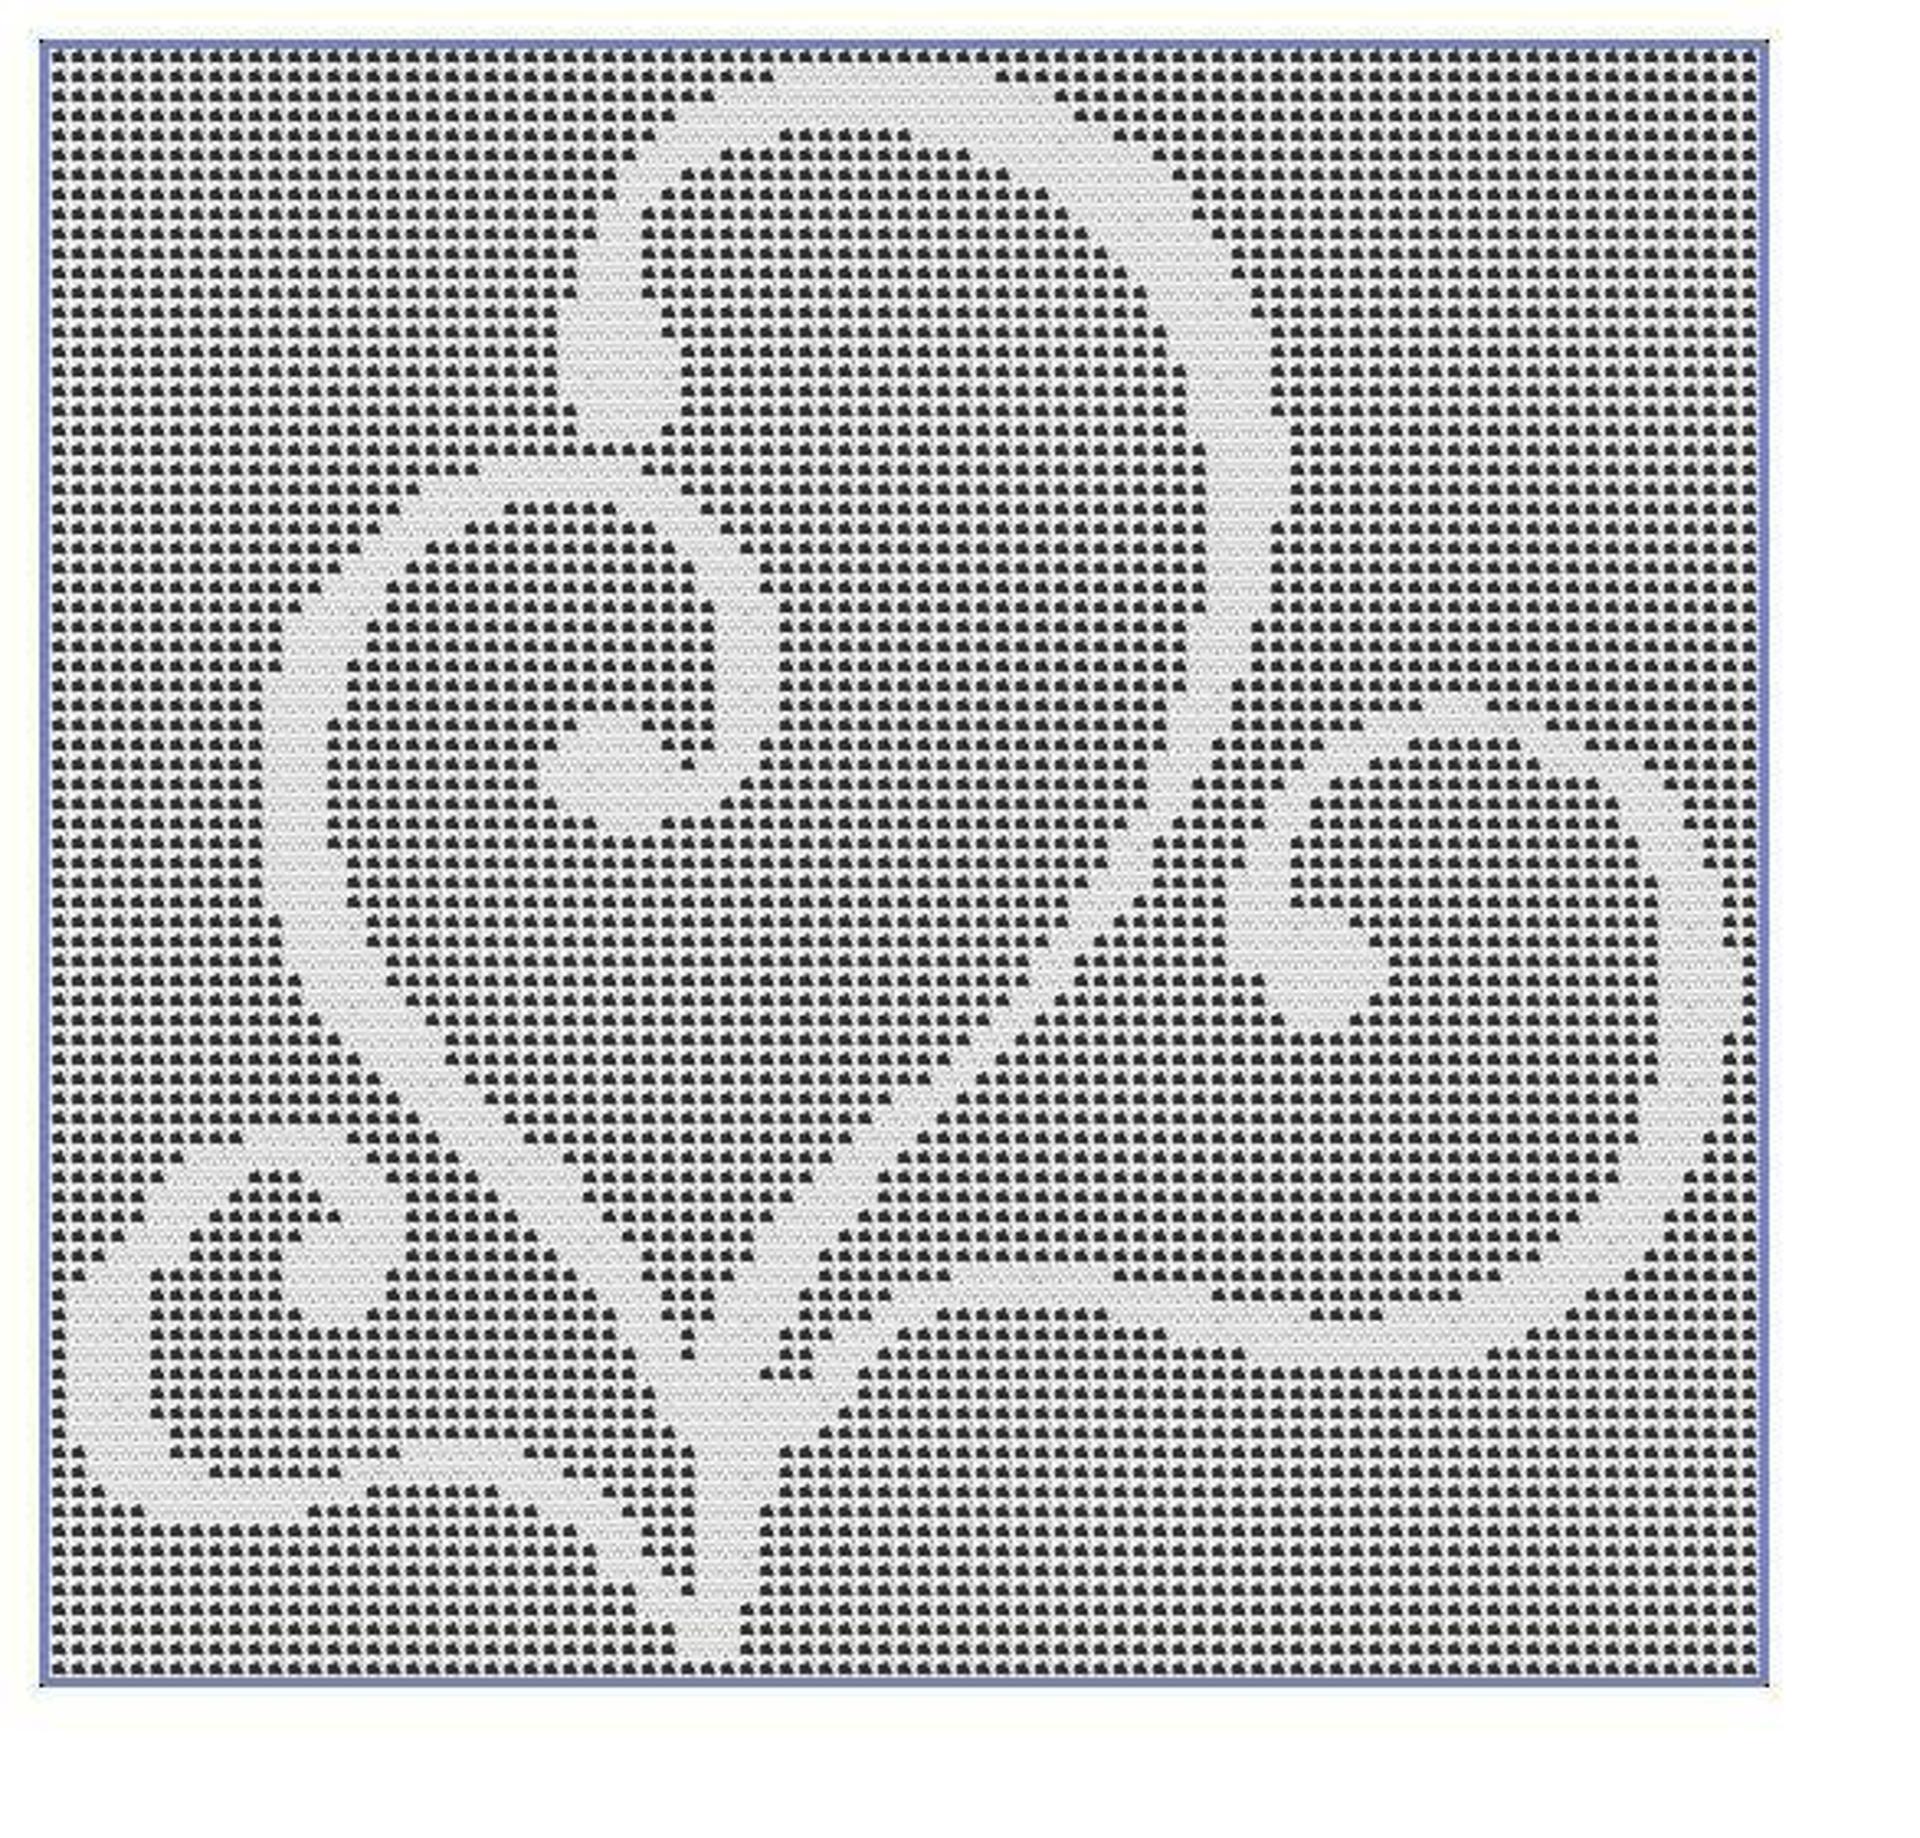 filet crochet swirls free pattern